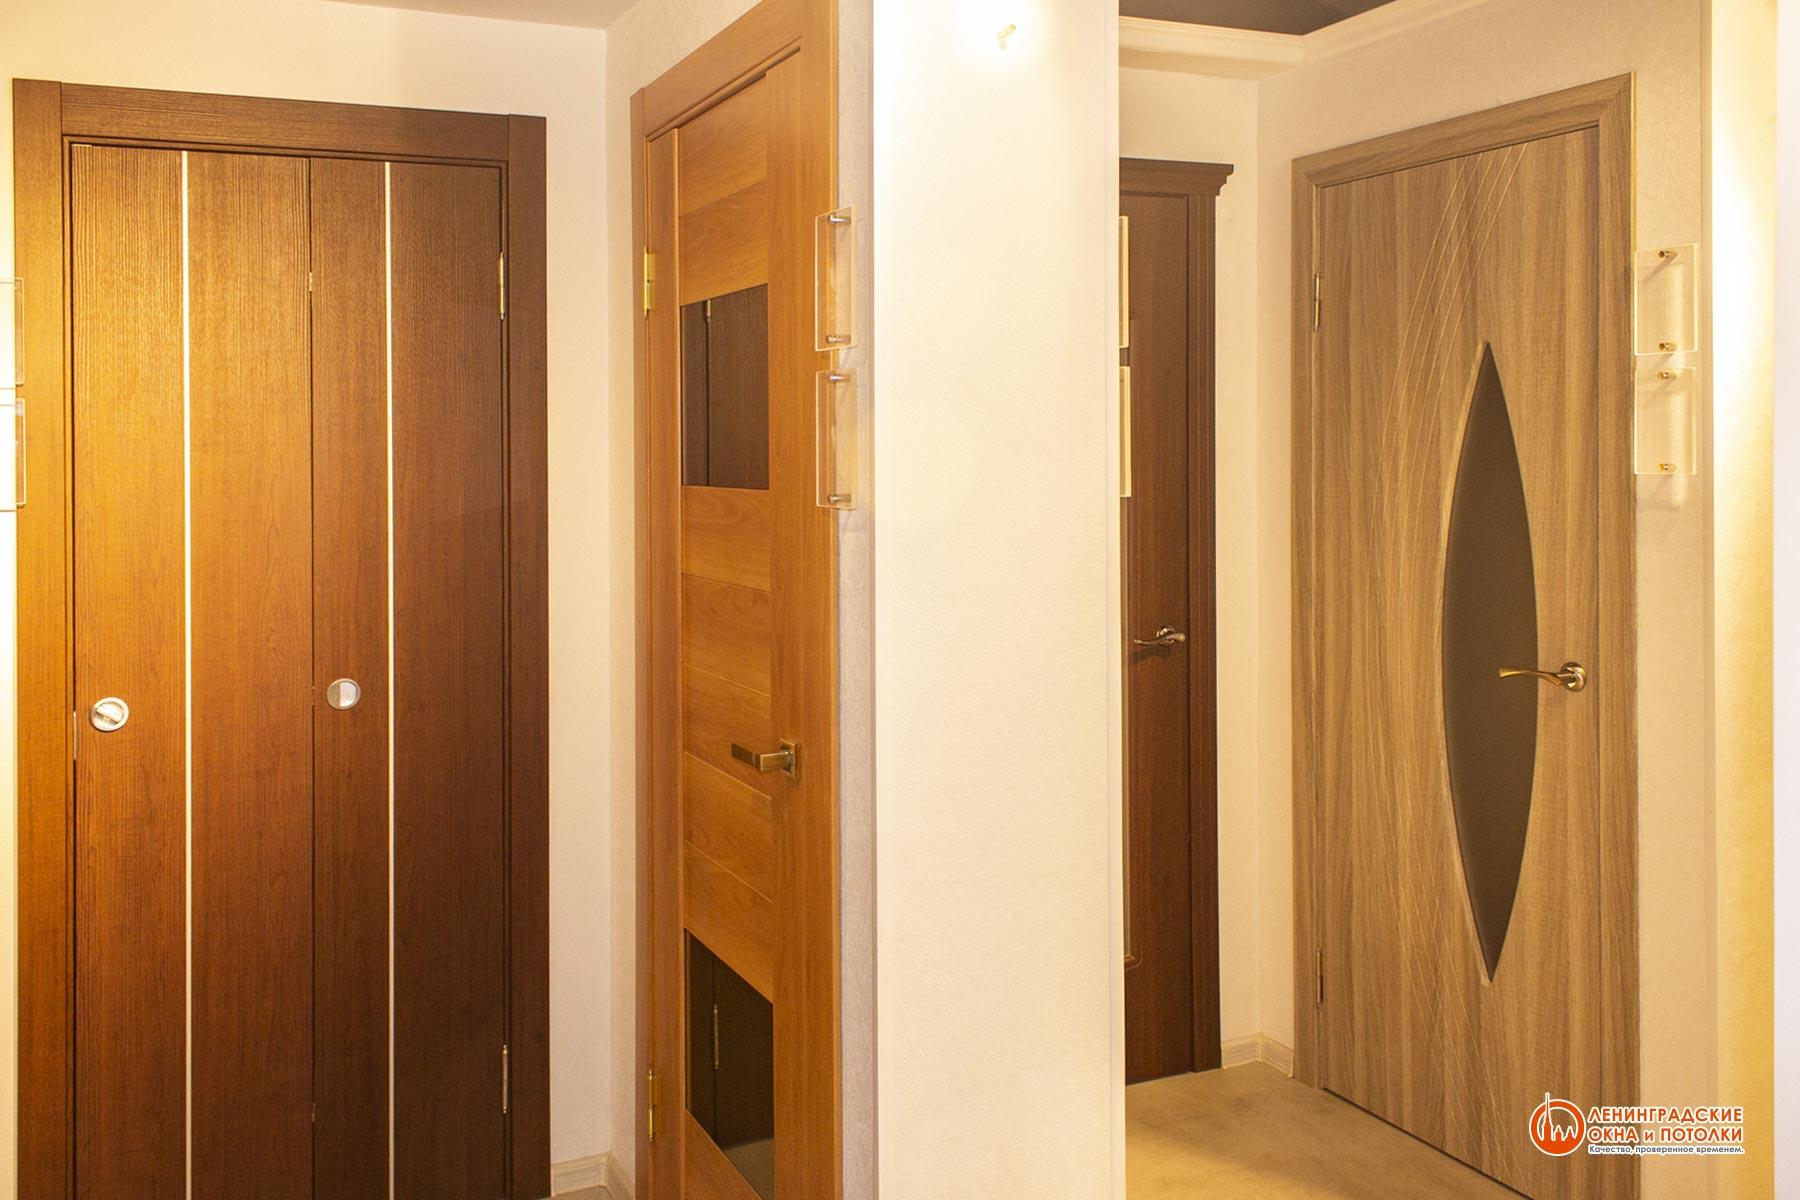 Двери со стеклом — купить межкомнатные двери со стеклом, с